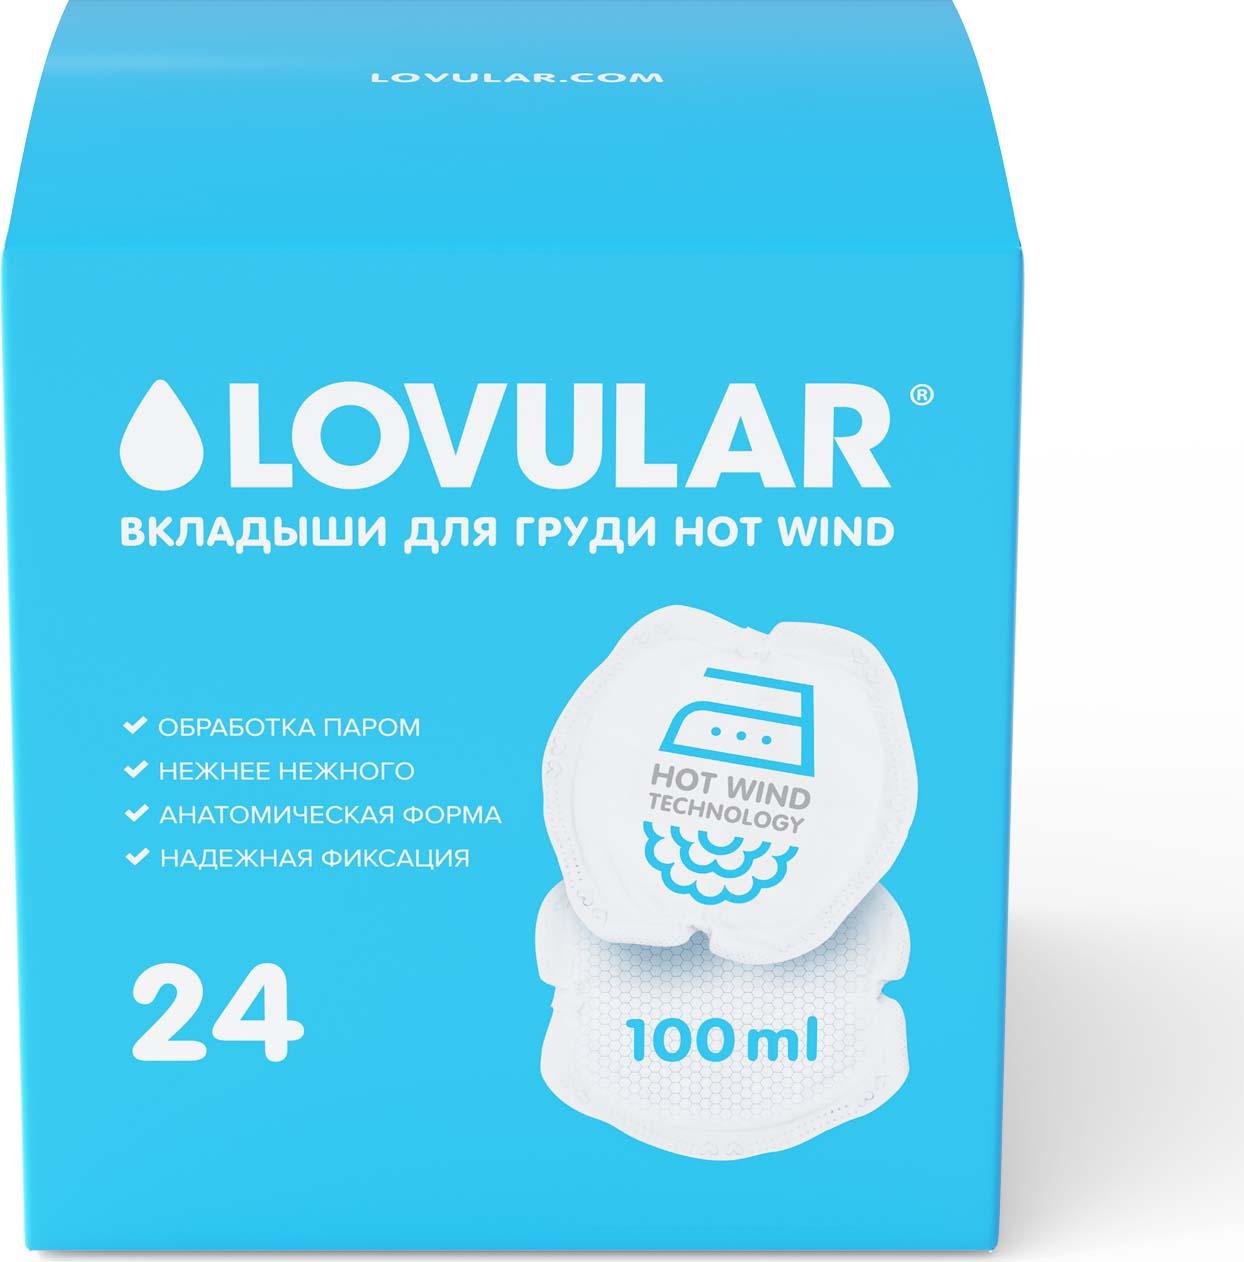 Lovular Прокладки впитывающие для бюстгальтера Hot Wind 24 шт вкладыши для бюстгальтера canpol стандарт с клейкой полоской 40 шт арт 1 651